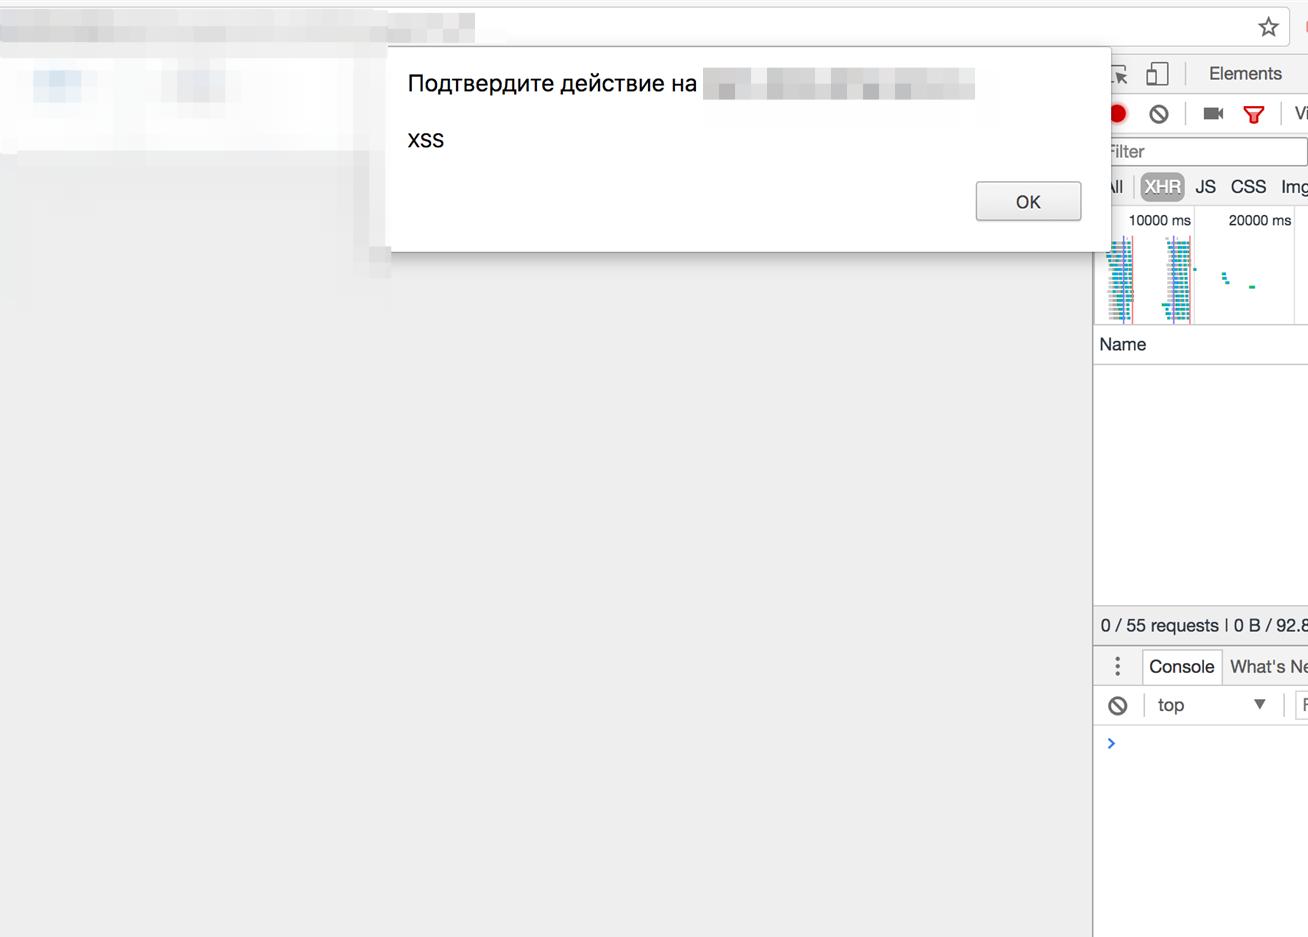 Как скомпрометировать систему документооборота в несколько кликов - 2